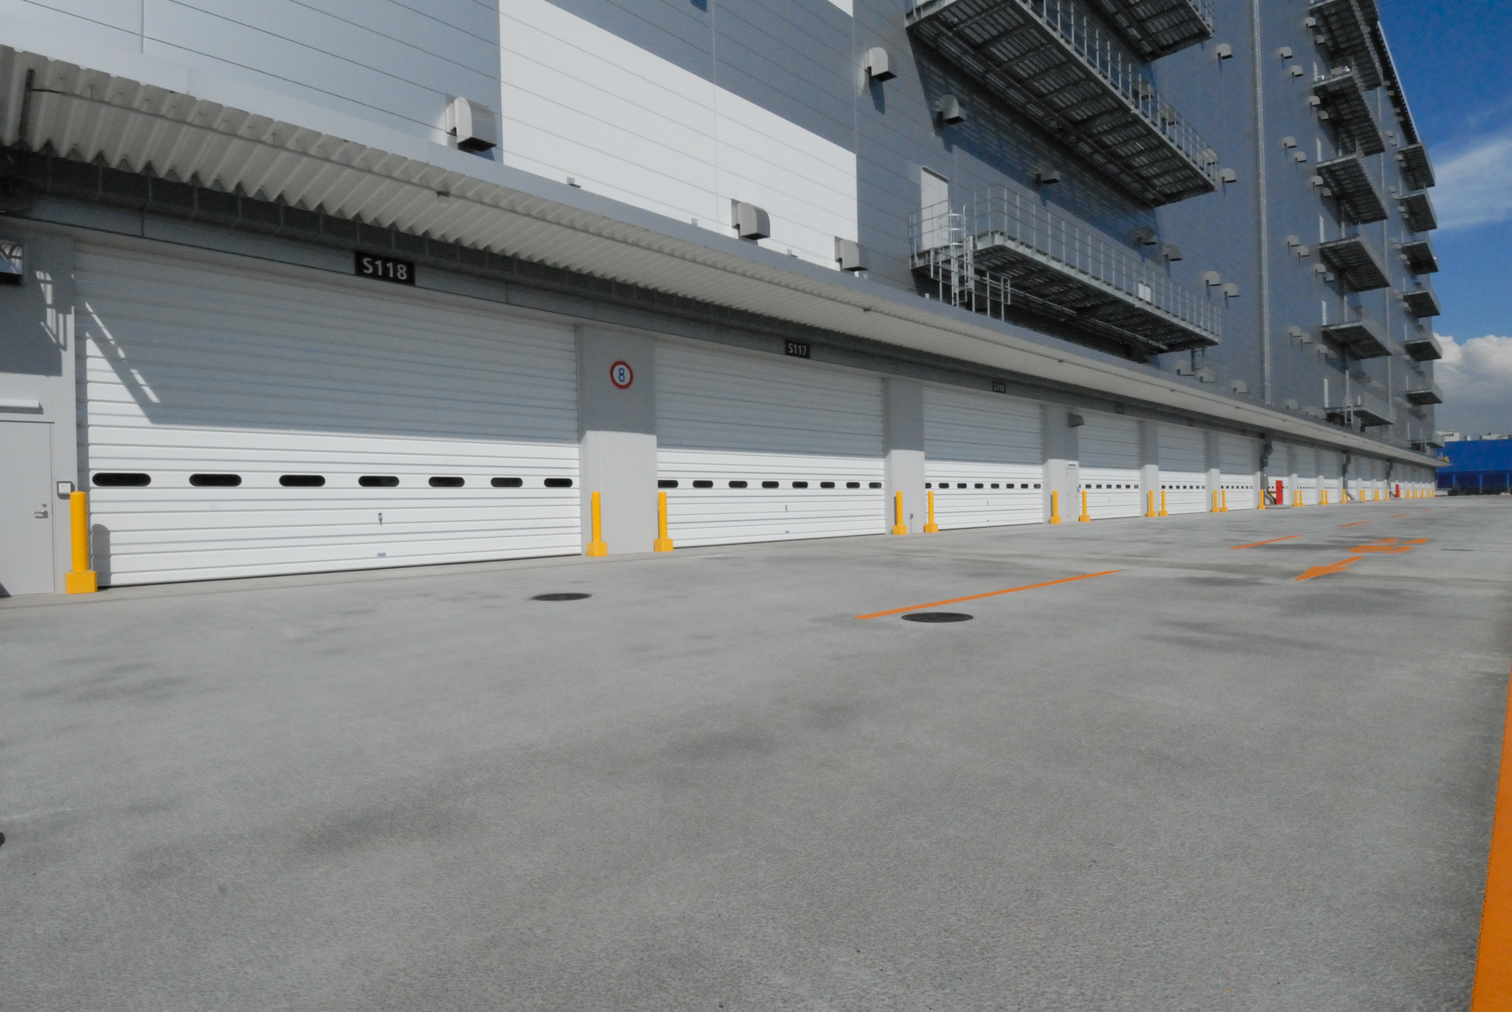 大型物流施設の車両の出入口に最適なオーバードアー